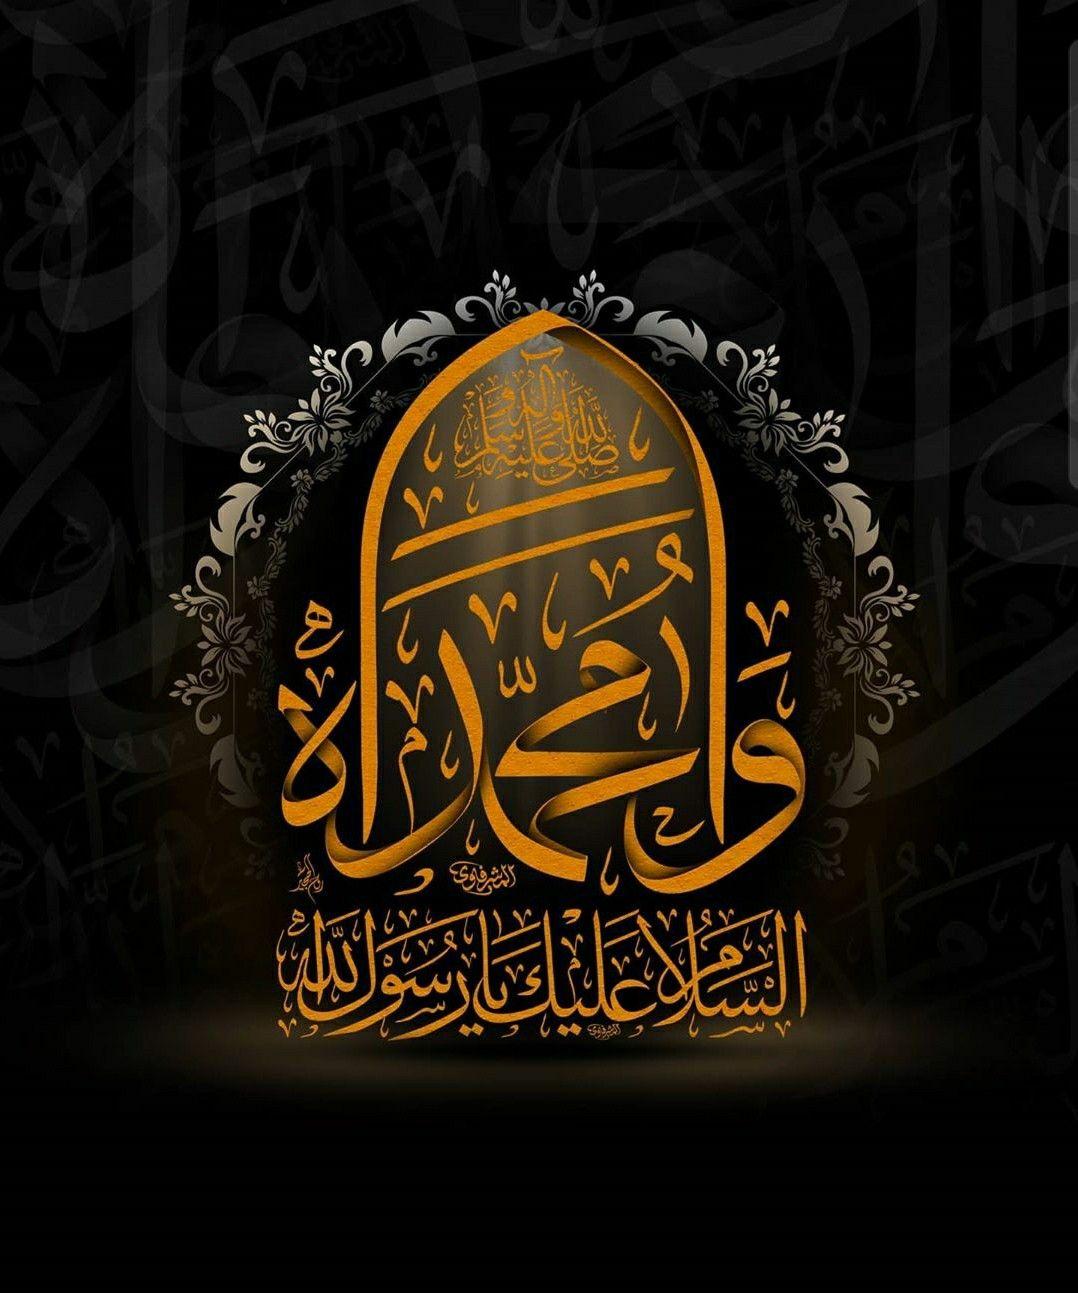 وفاة النبي محمد صلى الله عليه وسلم